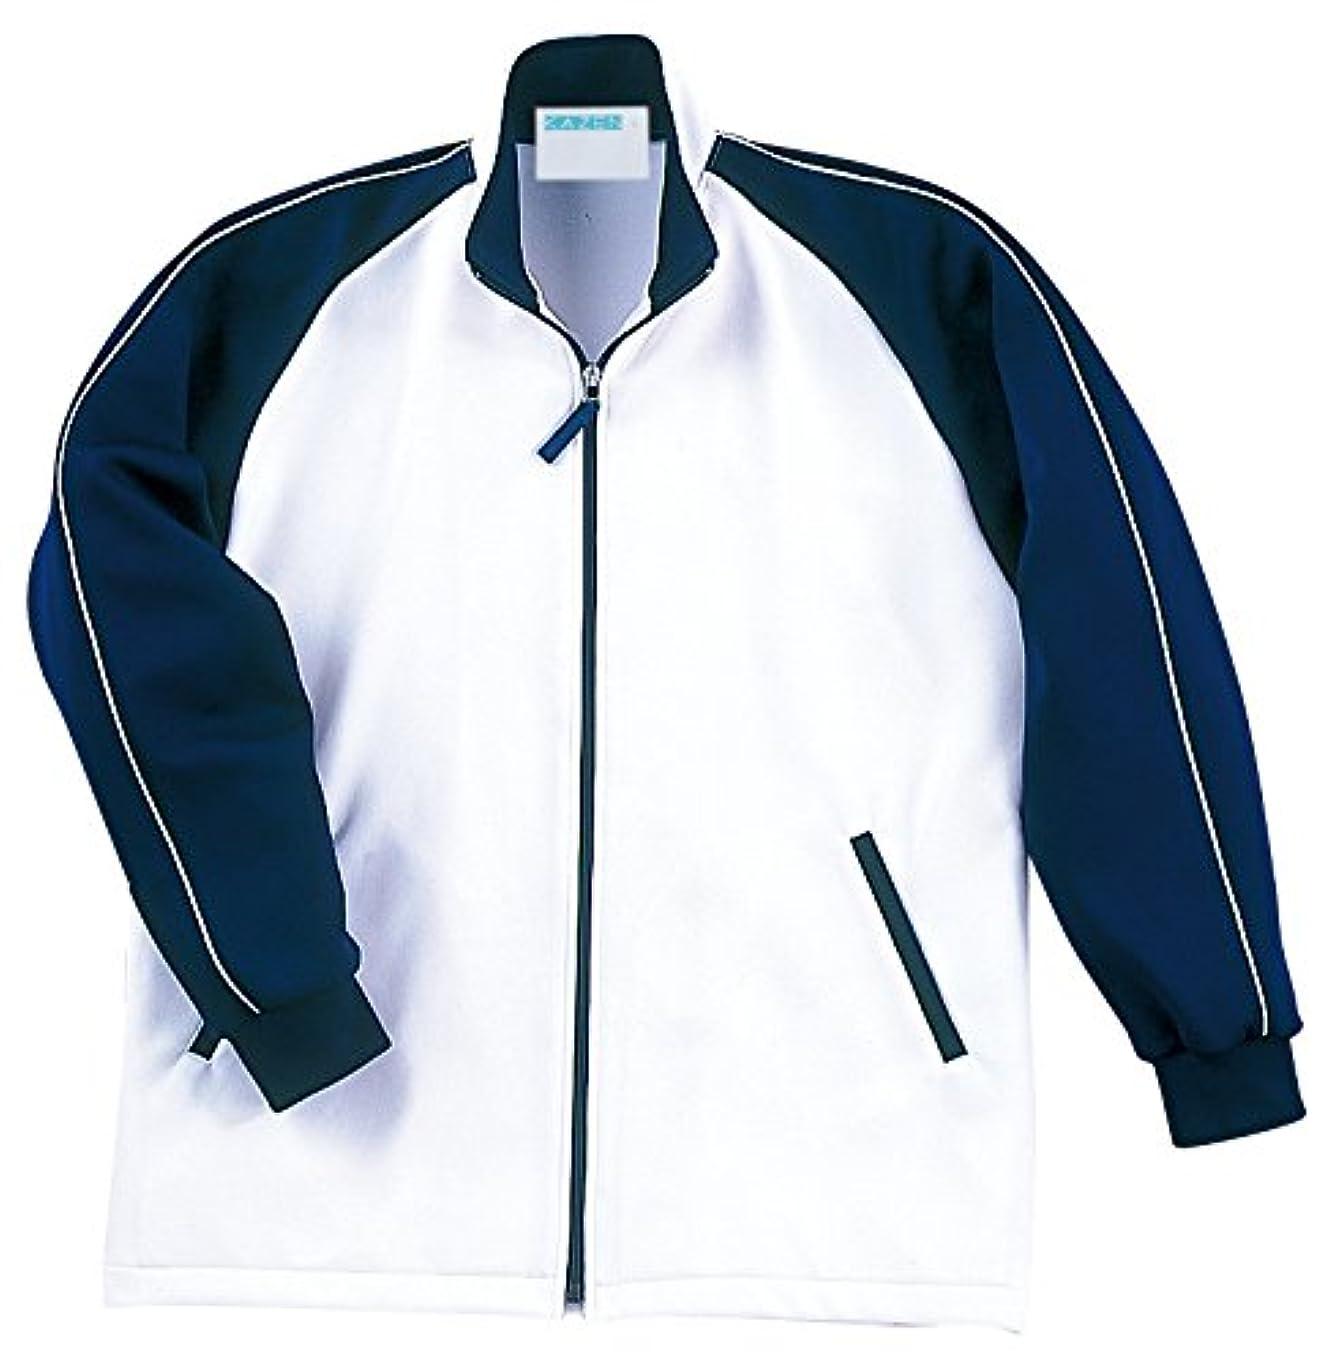 しかしながらやむを得ないプロポーショナル介護ユニフォーム ジャージ KAZEN  ケアジャケット ネイビー 242-11 M